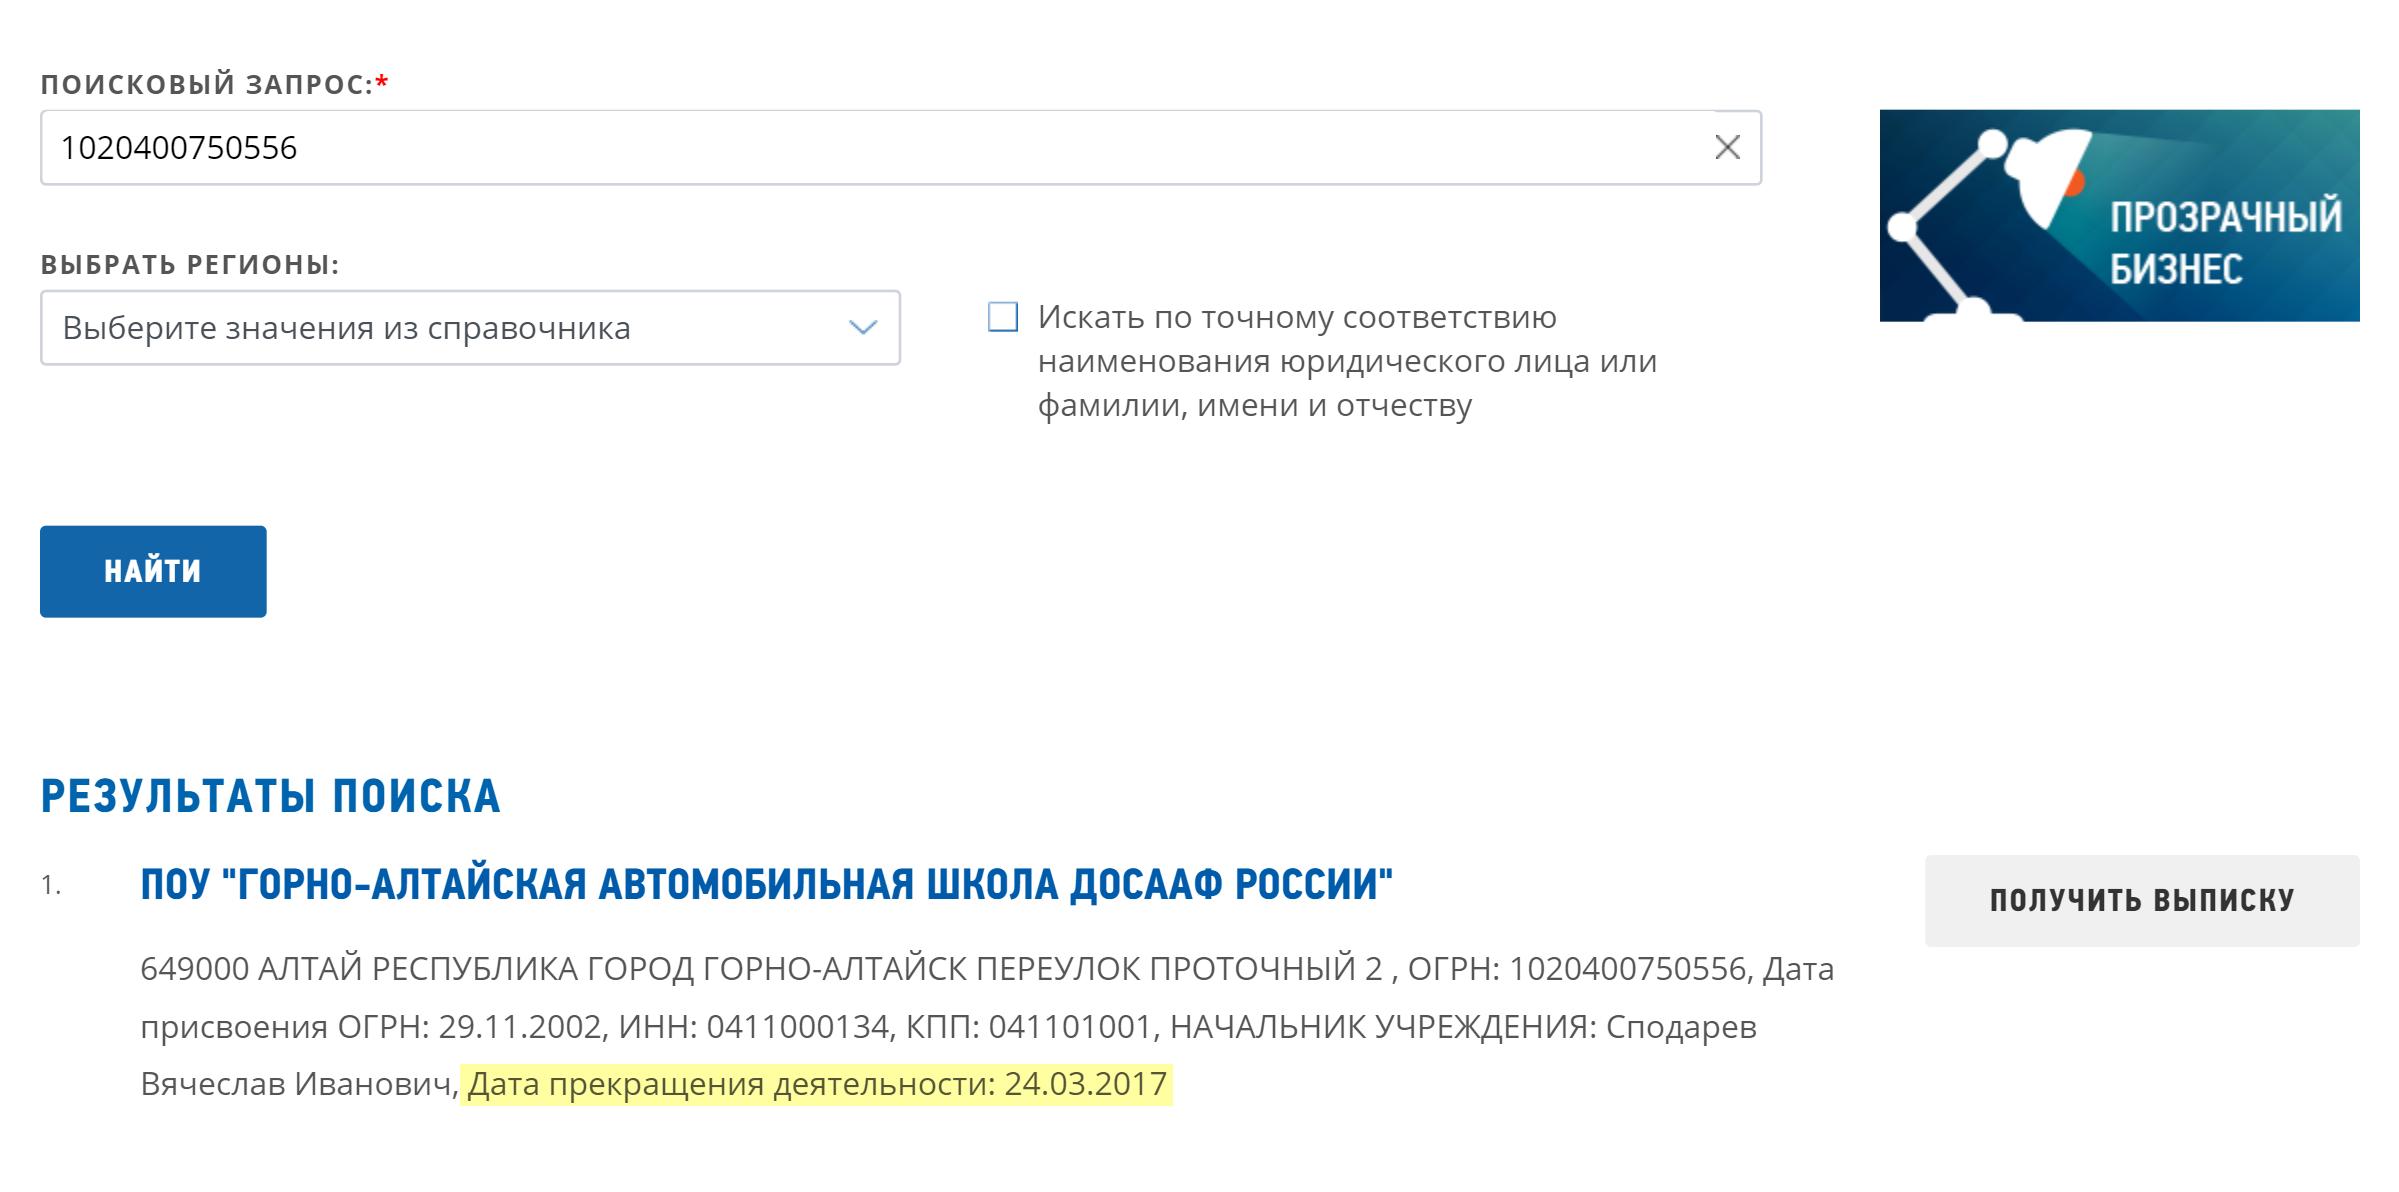 Если организация официально закрылась, то на сайте налоговой будет указана дата прекращения ее деятельности